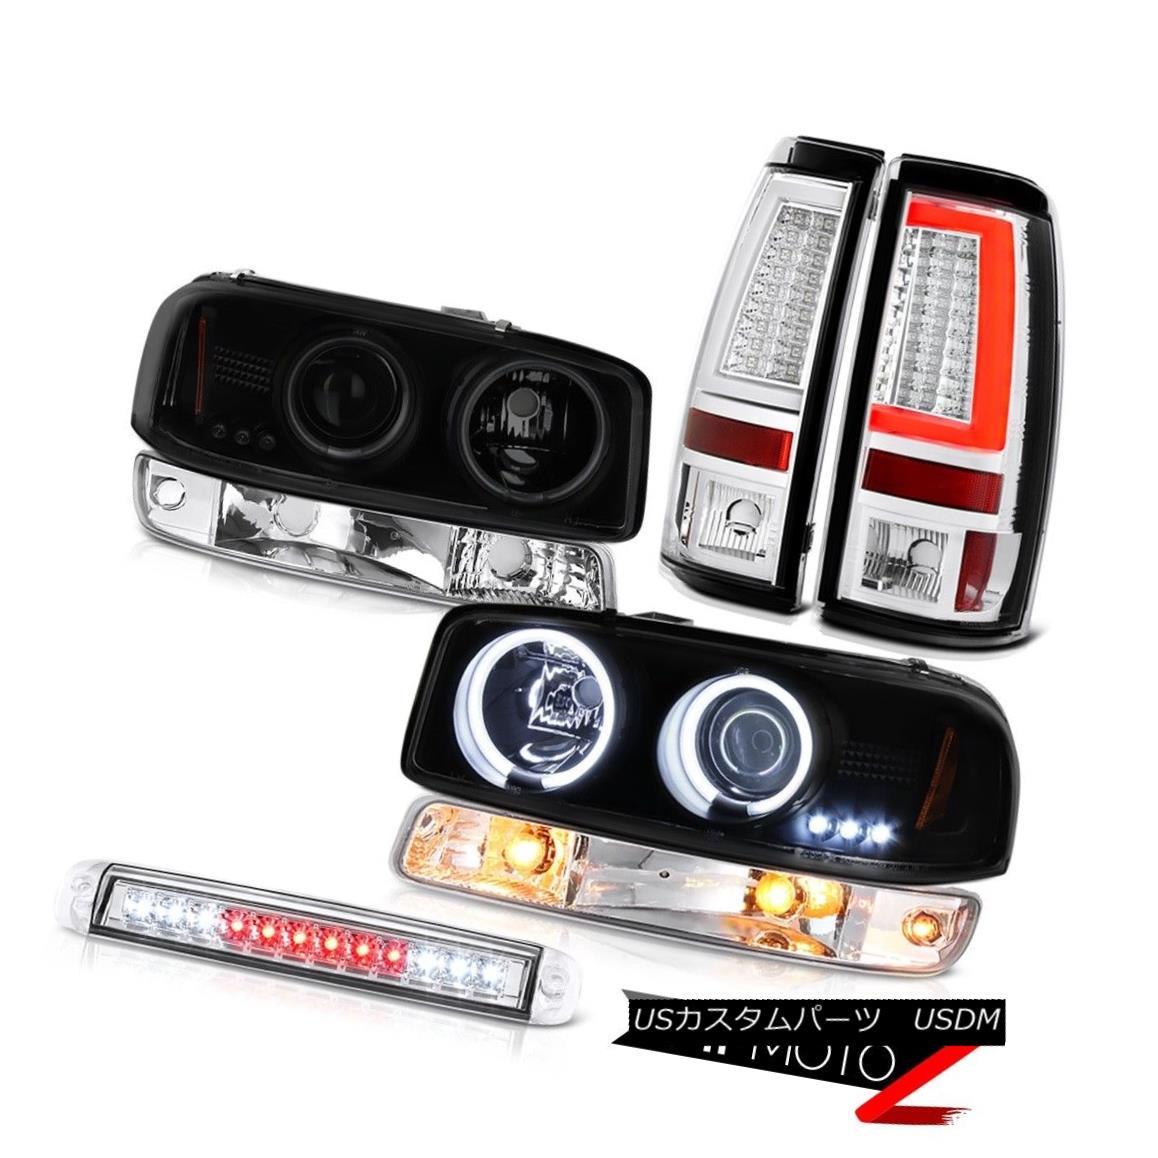 テールライト 99-06 Sierra SL Tail Lamps Roof Brake Light Signal CCFL Headlights LED Halo Rim 99-06 Sierra SLテールランプルーフブレーキライト信号CCFLヘッドライトLED Halo Rim